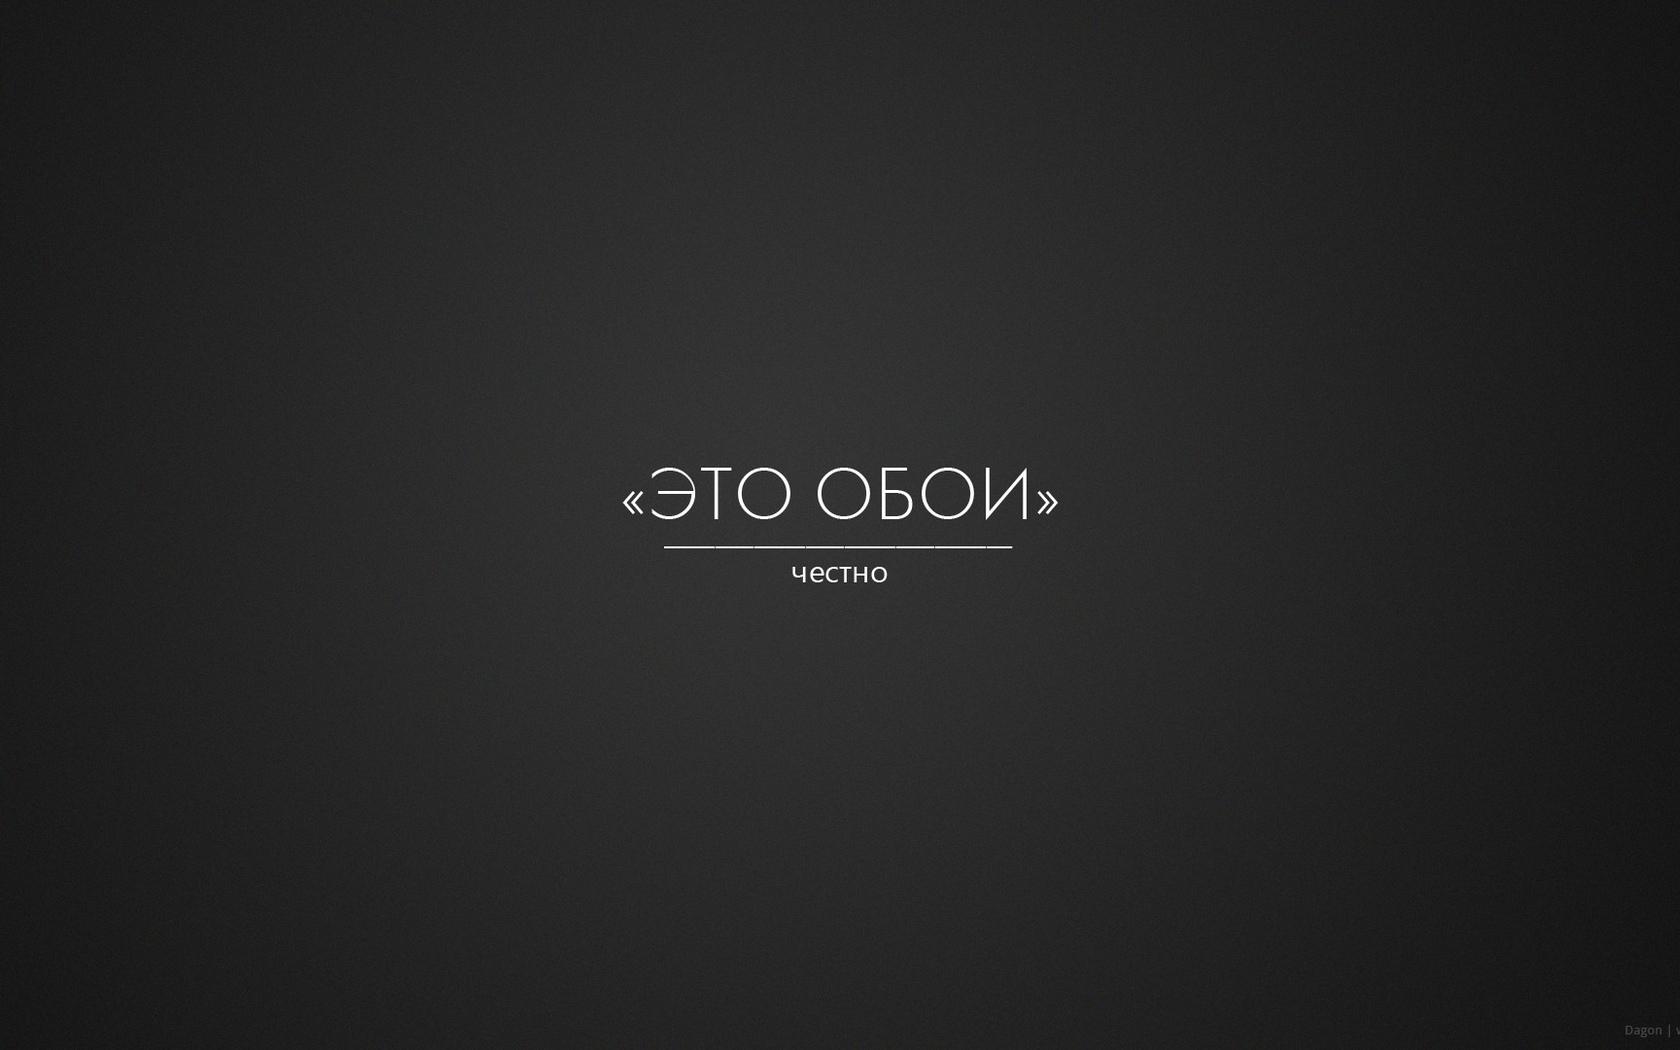 Картинки 1001, обои с русскими надписями вертикально